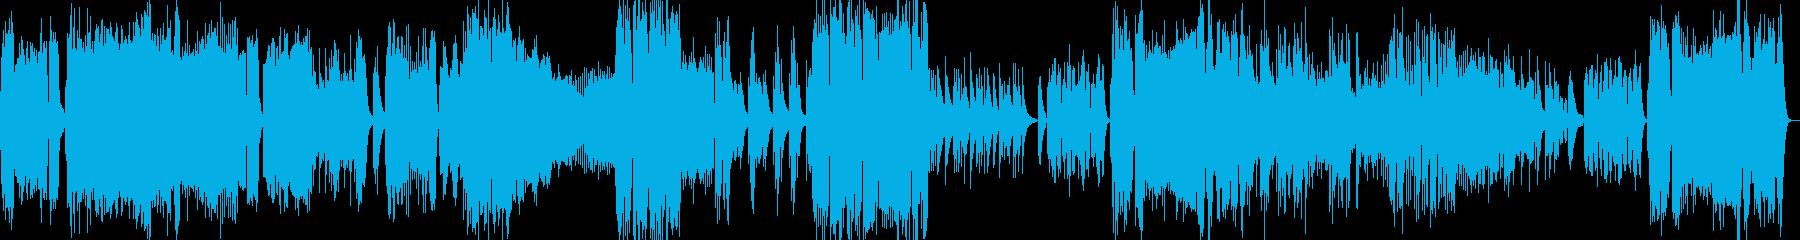 チャイコフスキーのスタイルで書かれ...の再生済みの波形